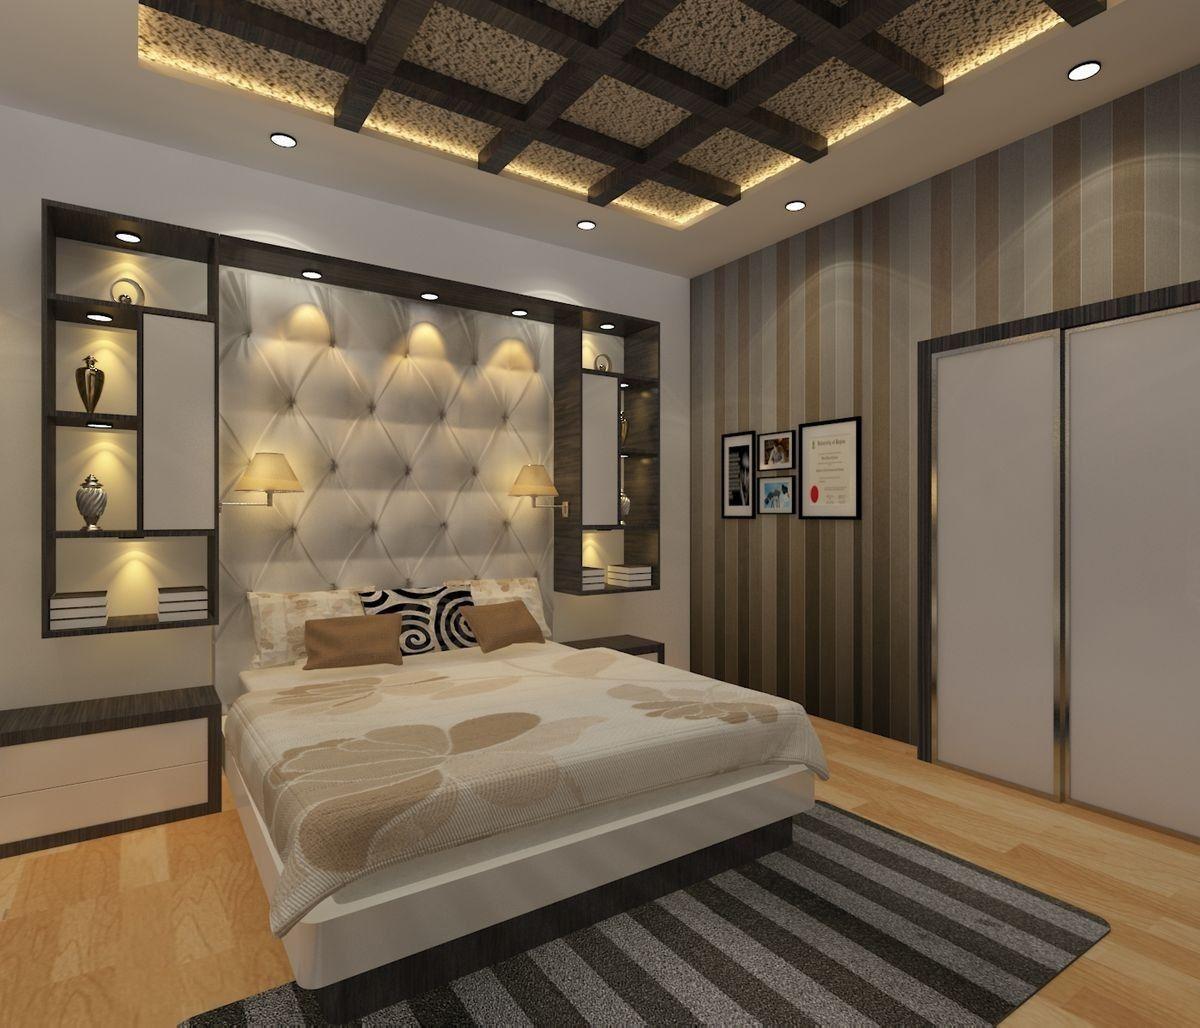 30 Modern Bedroom Design Ideas: الجواد للديكور 03223715